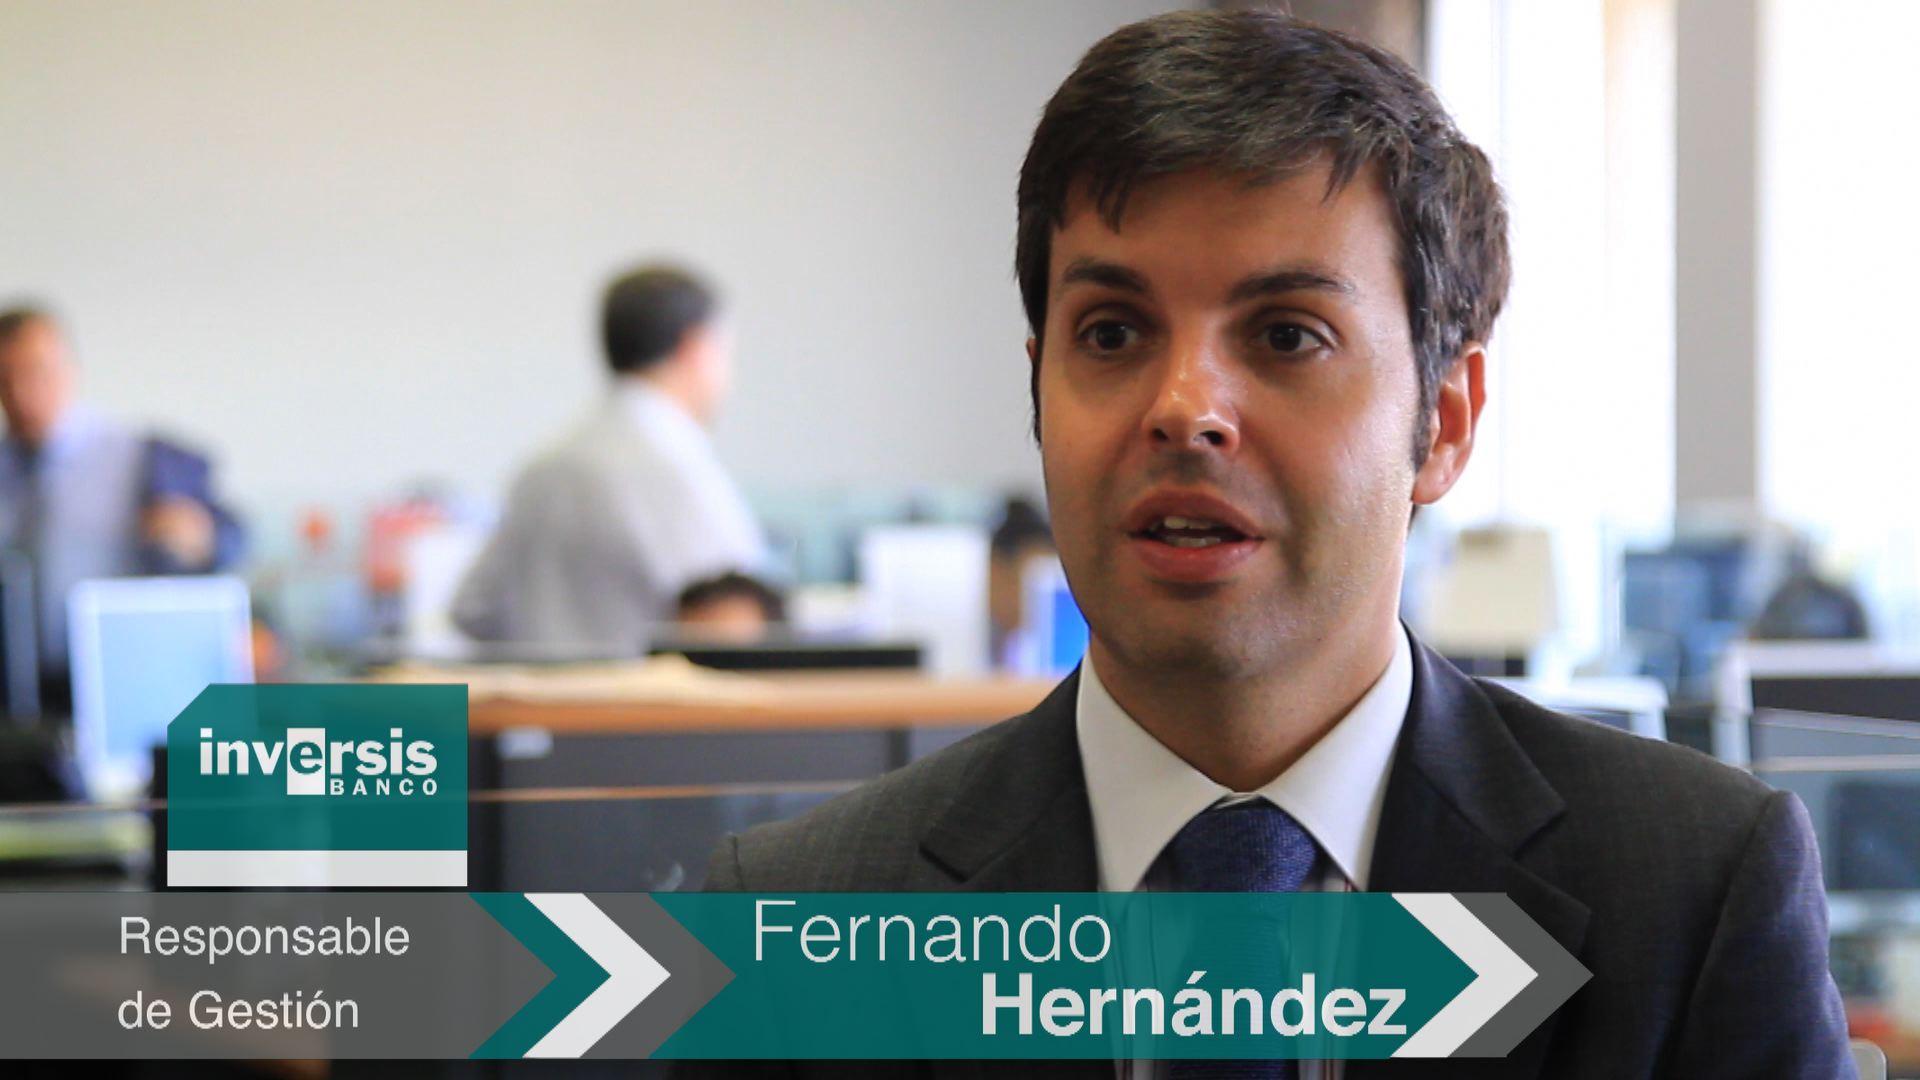 """Fernando Hernández: """"La renta fija ya no es una opción, hay que bajar duraciones y empezar a hacer caja"""""""